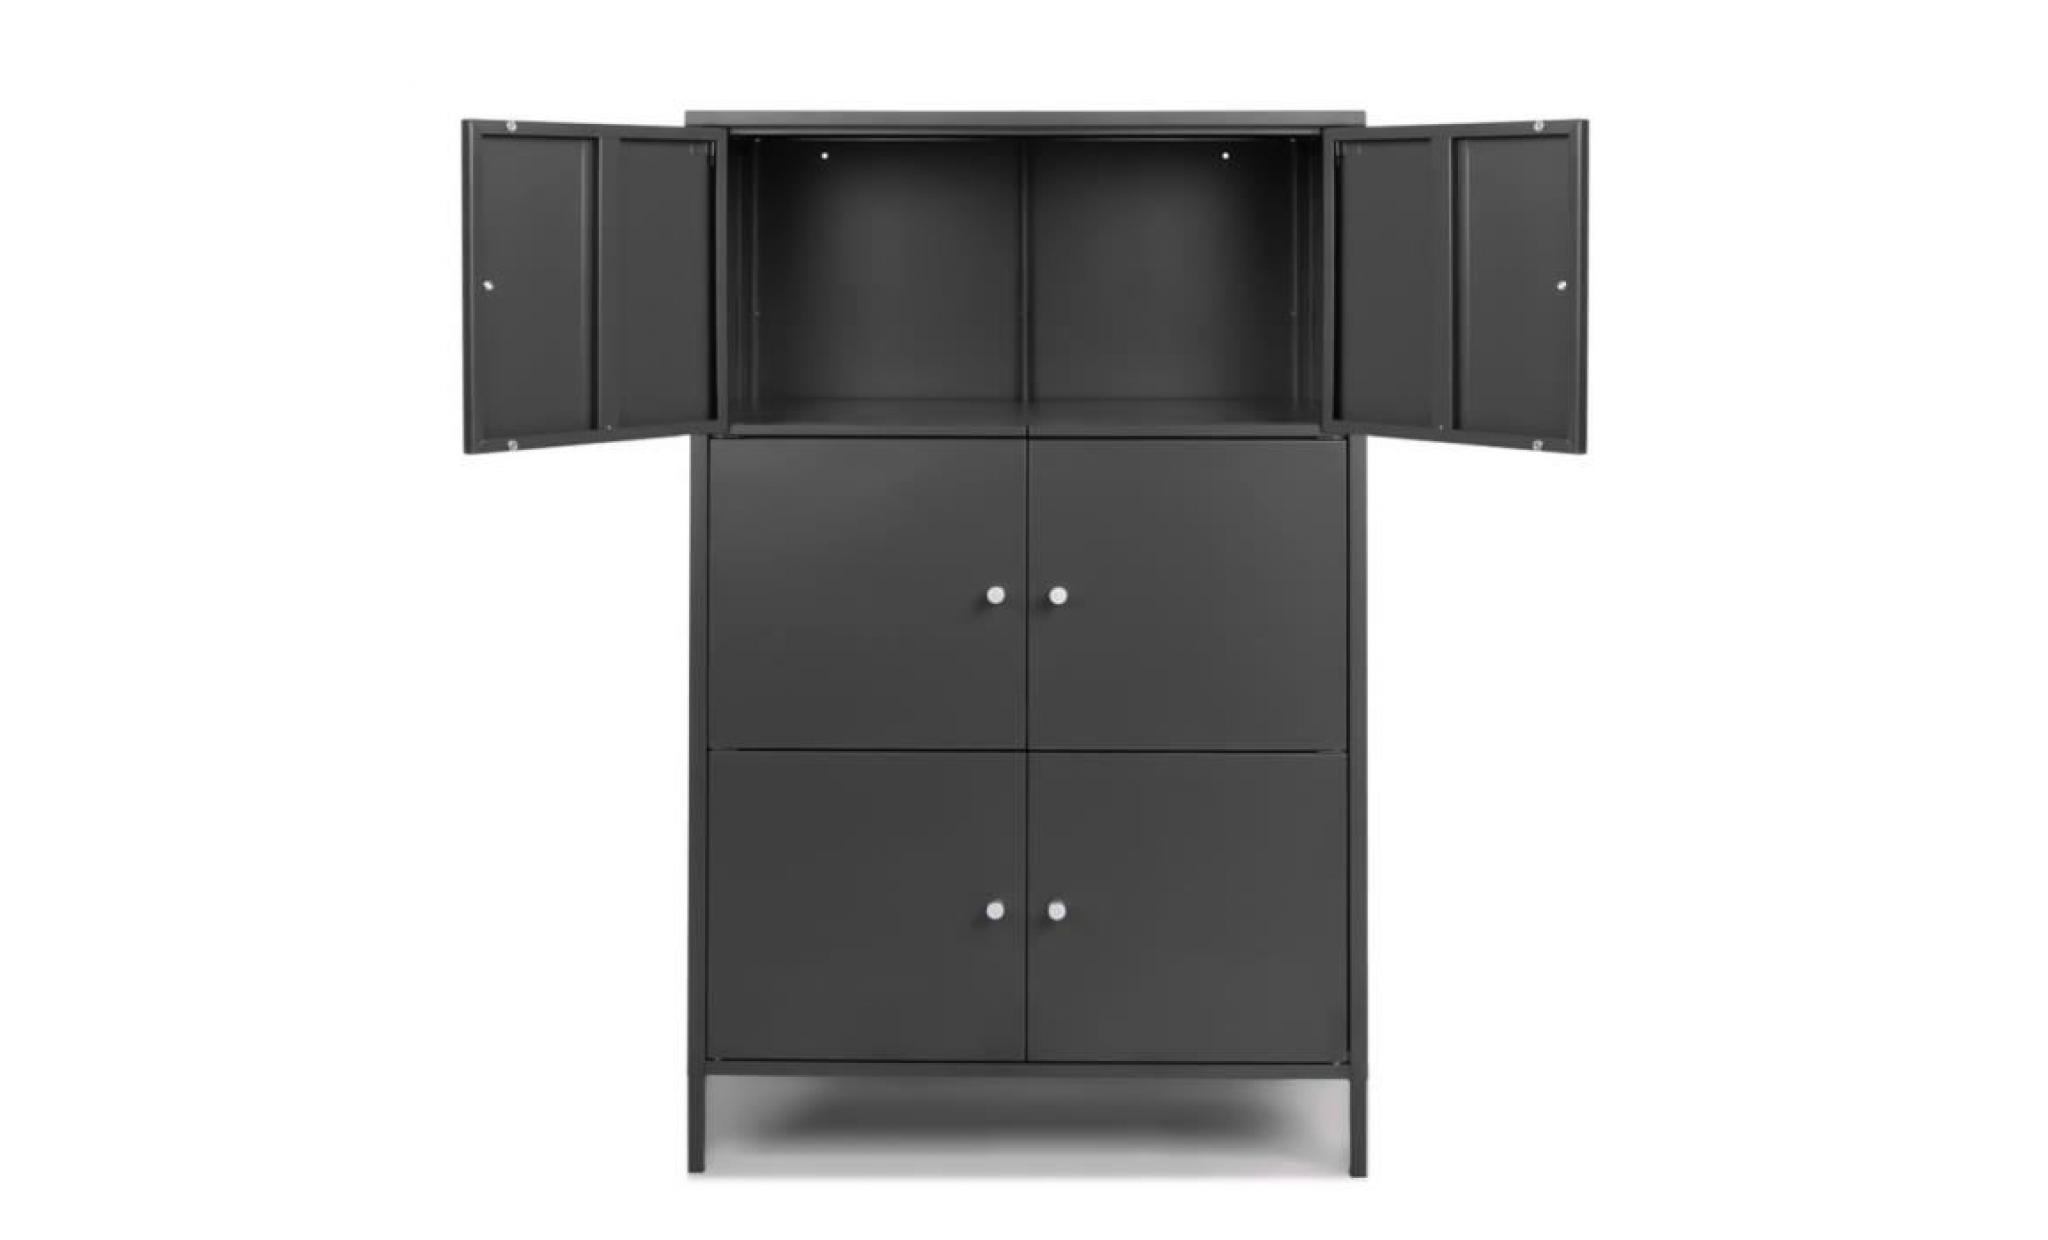 ikayaa 6 portes armoire de rangement en metal moderne armoires de rangement locker chambre salle de bains meubles achat vente armoire pas cher couleur et design fr